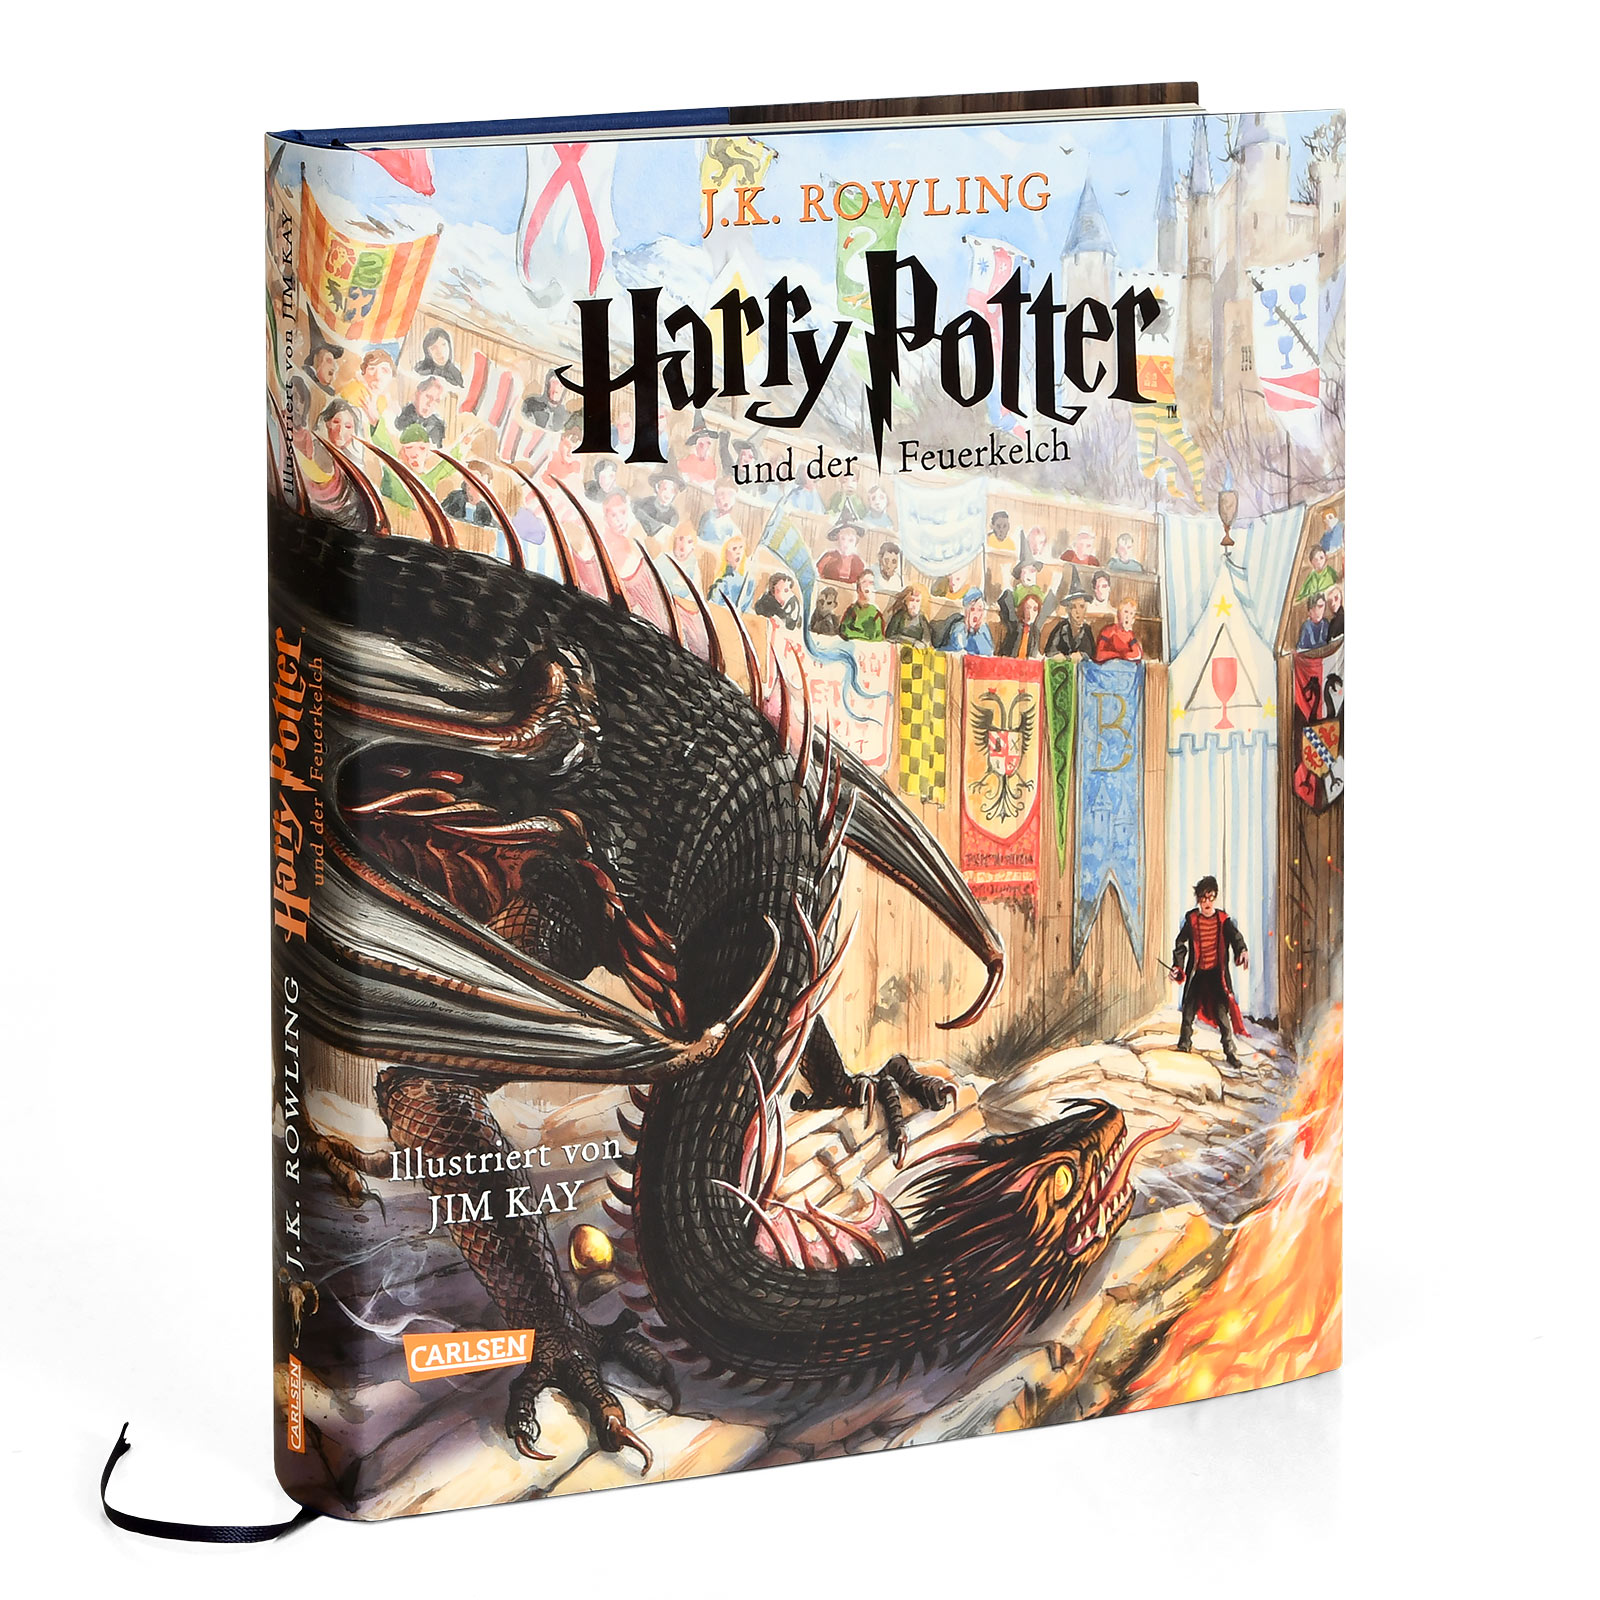 Harry Potter und der Feuerkelch - Schmuckausgabe